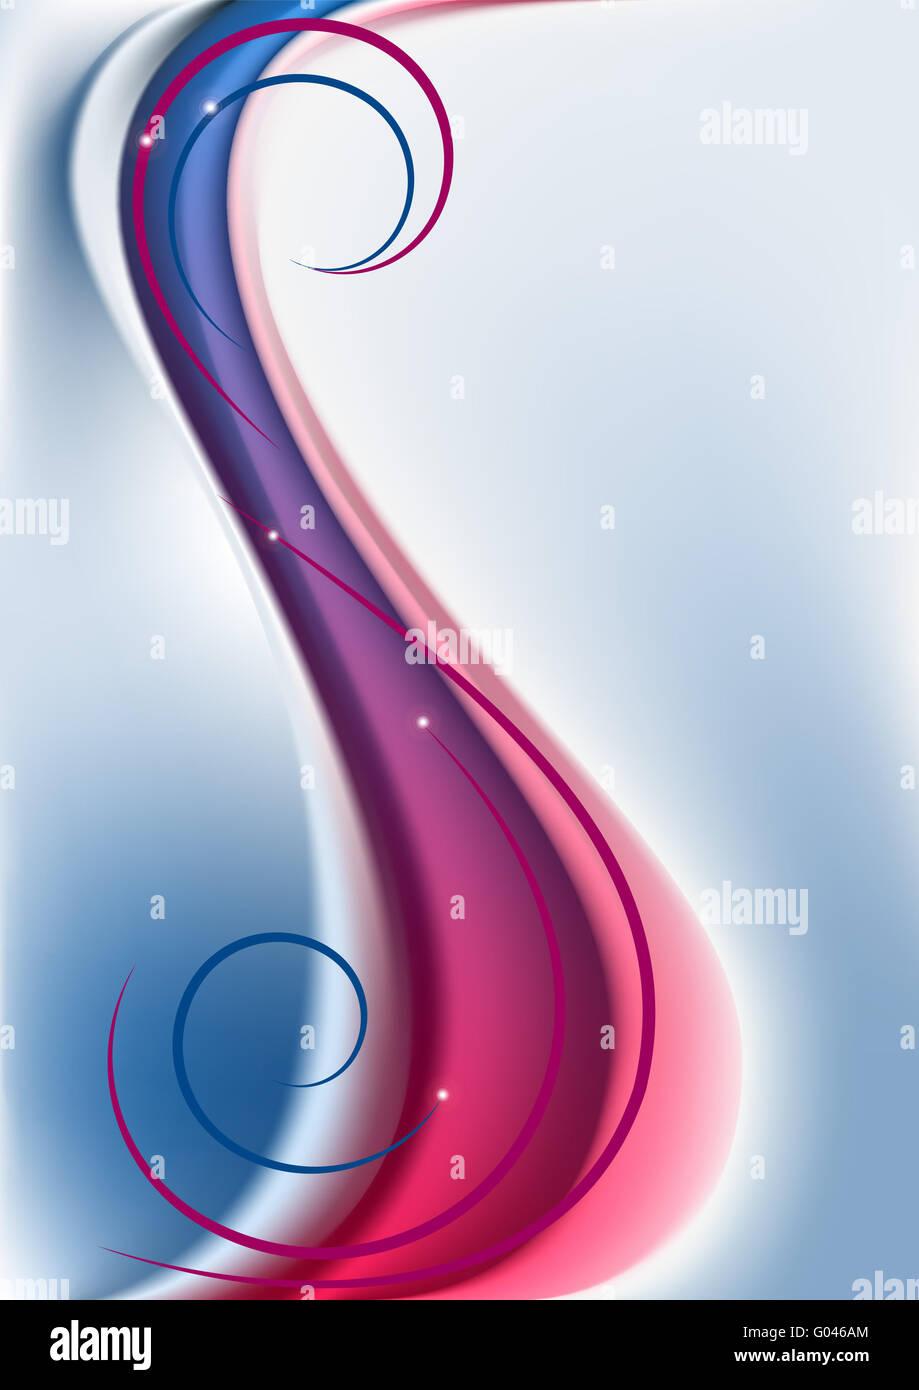 Luce astratta sfondo blu con il rosso e il blu w Immagini Stock